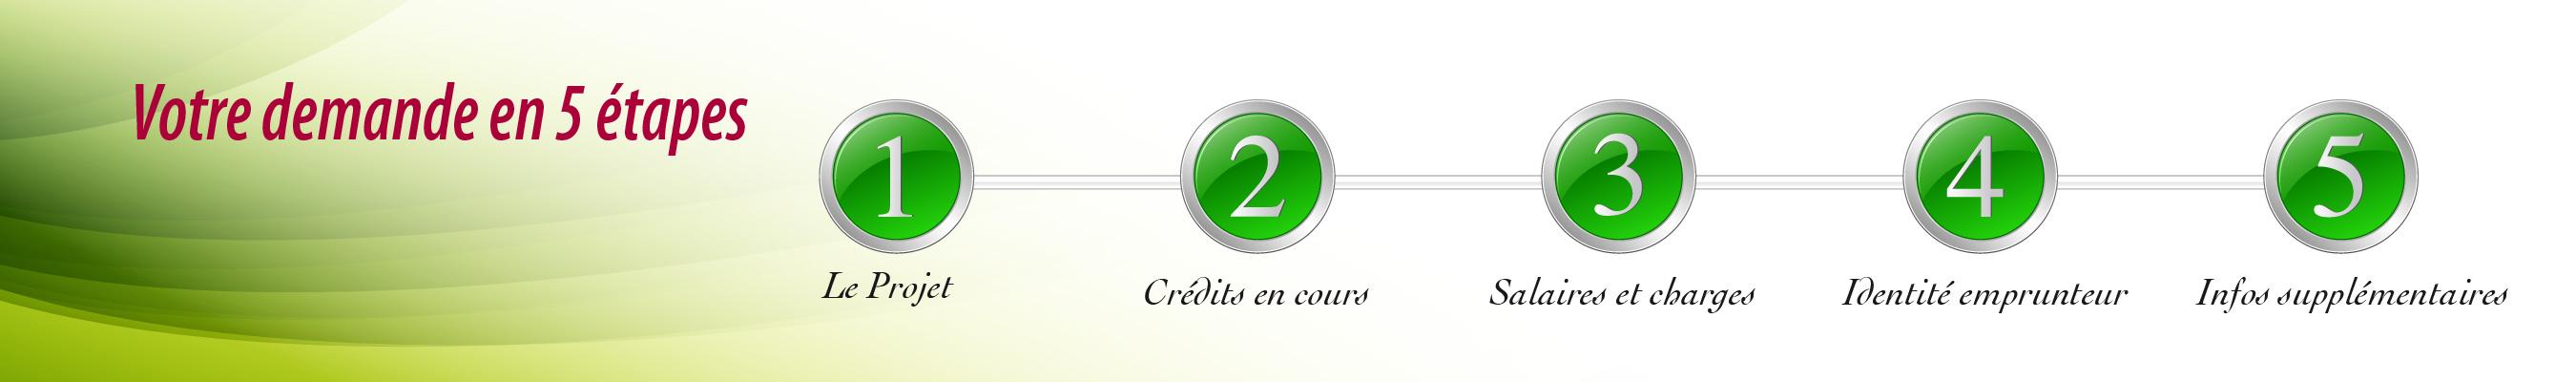 En quelques minutes sur notre demande en ligne, obtenez très rapidement une réponse à vos besoins de votre spécialiste en rachat de crédits et crédit hypothécaire